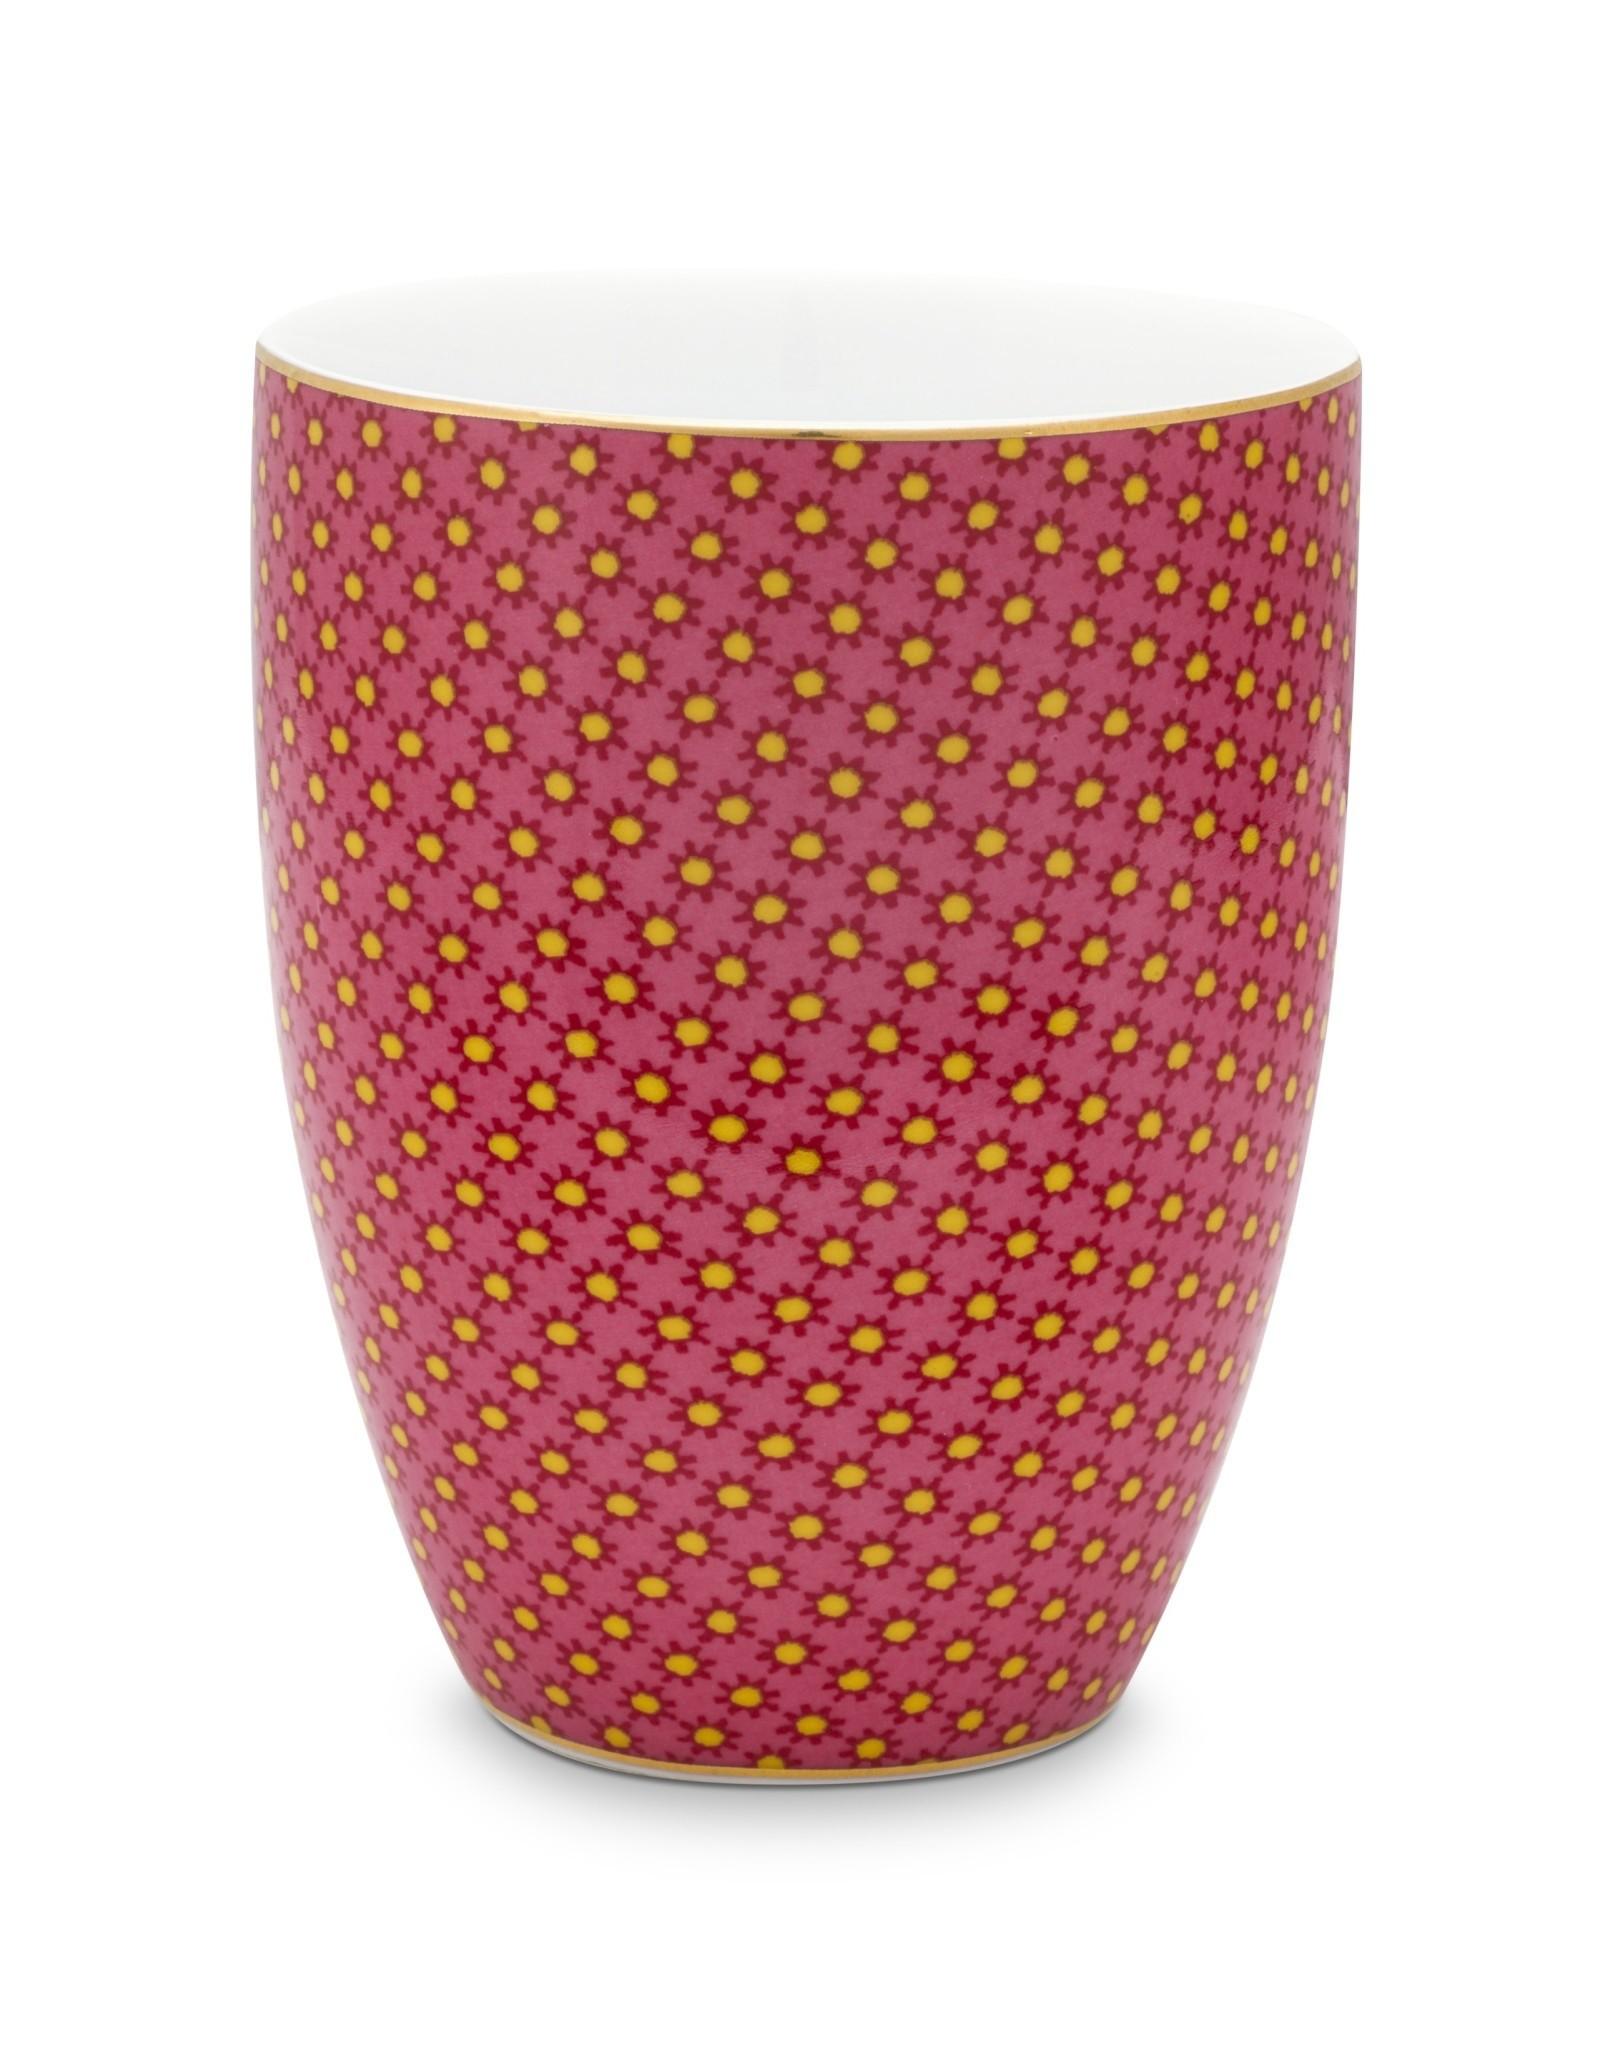 Pip Studio Drinkbeker Twinkle Star Roze 300ml - Pip Studio